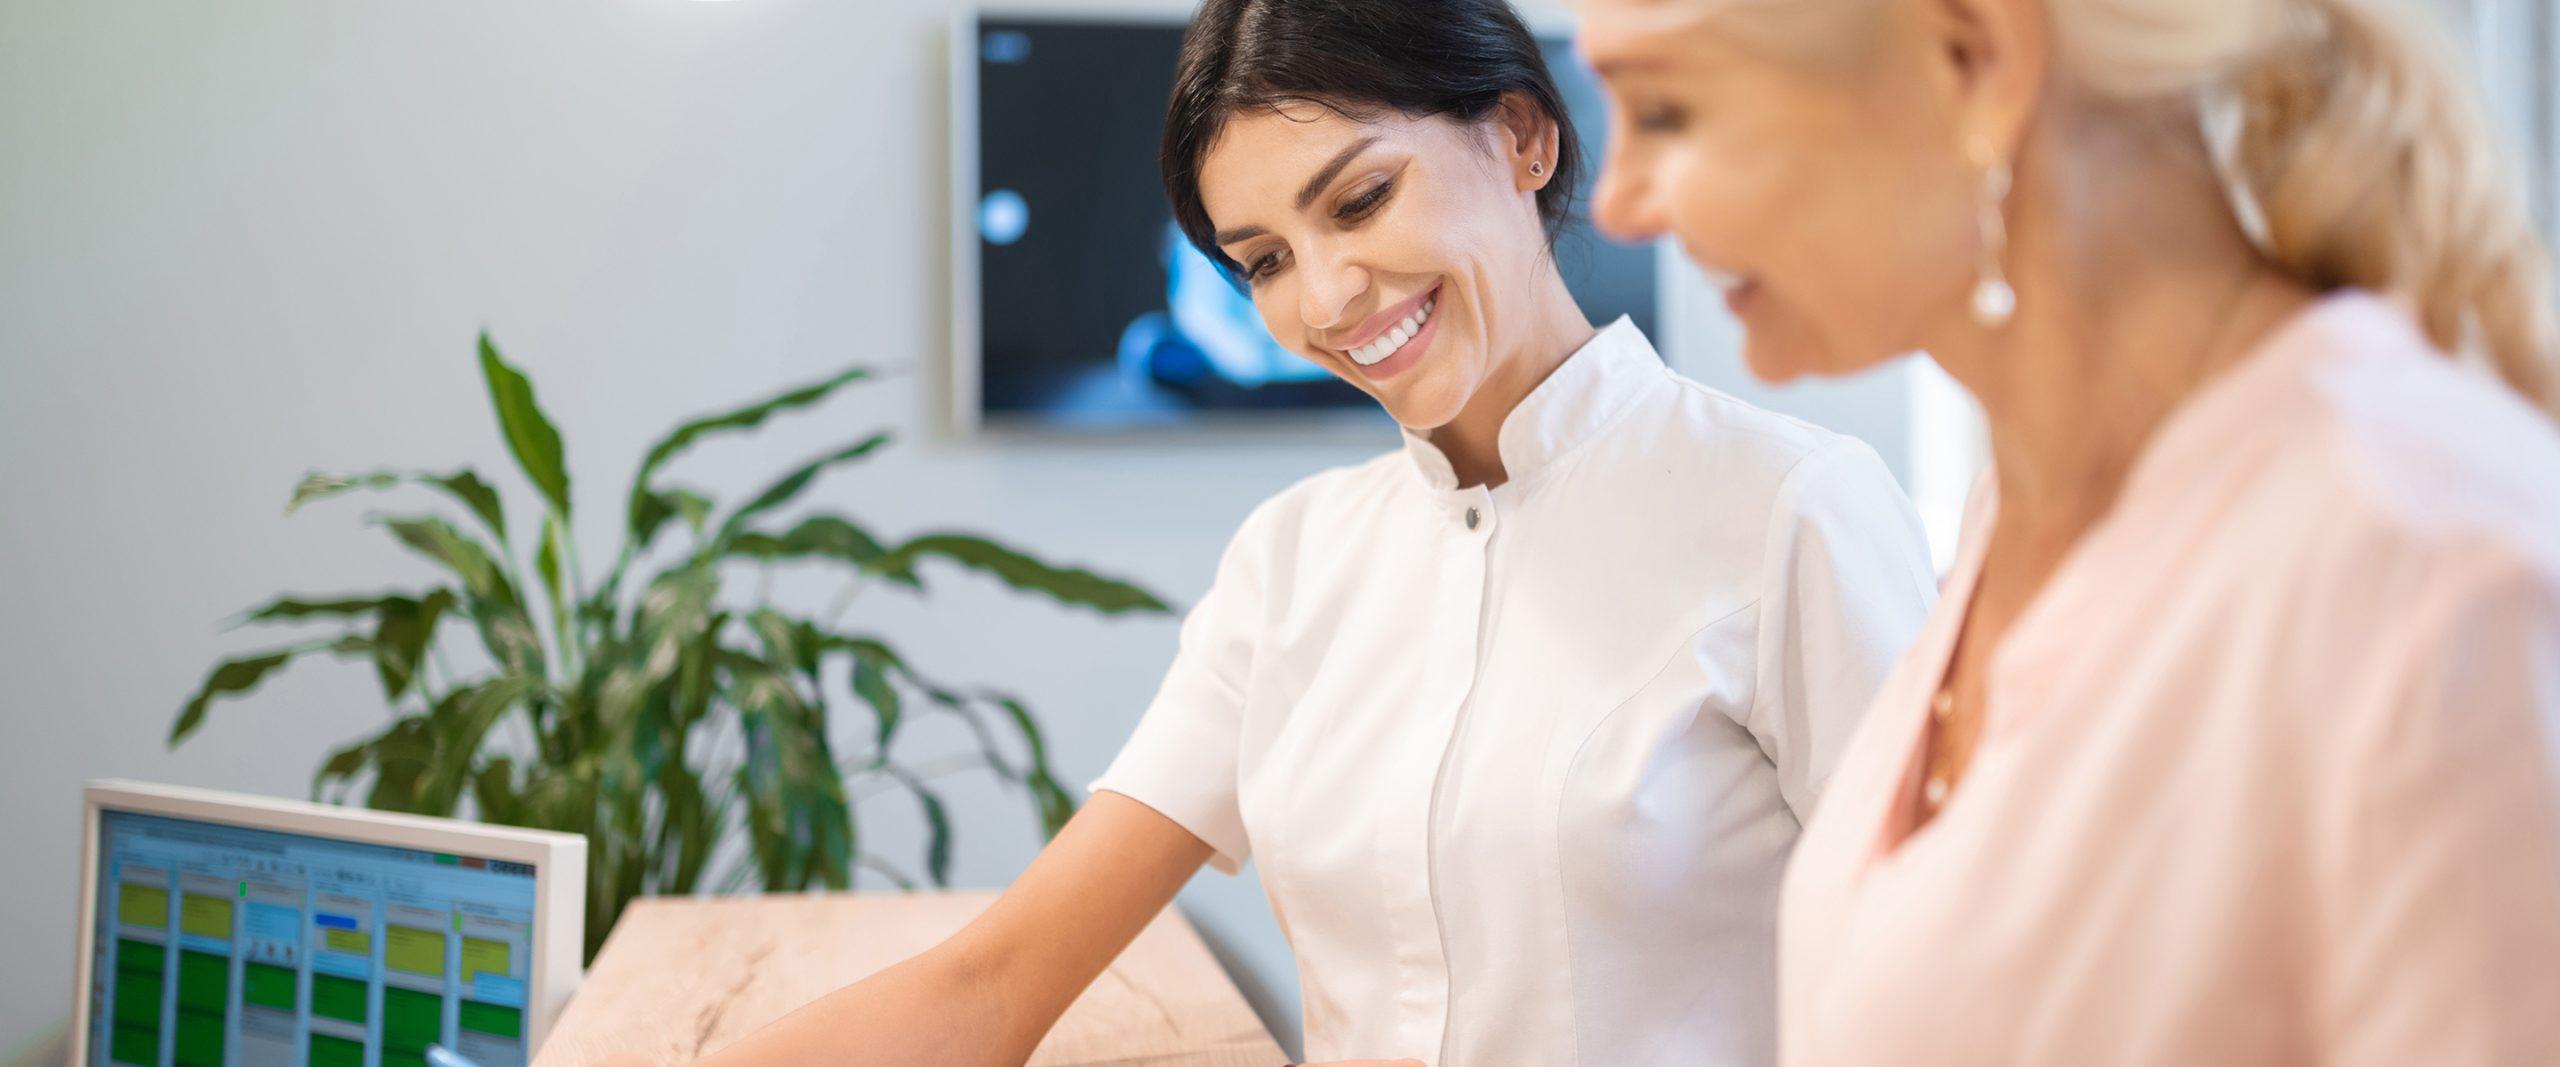 Assuring dental patient satisfaction